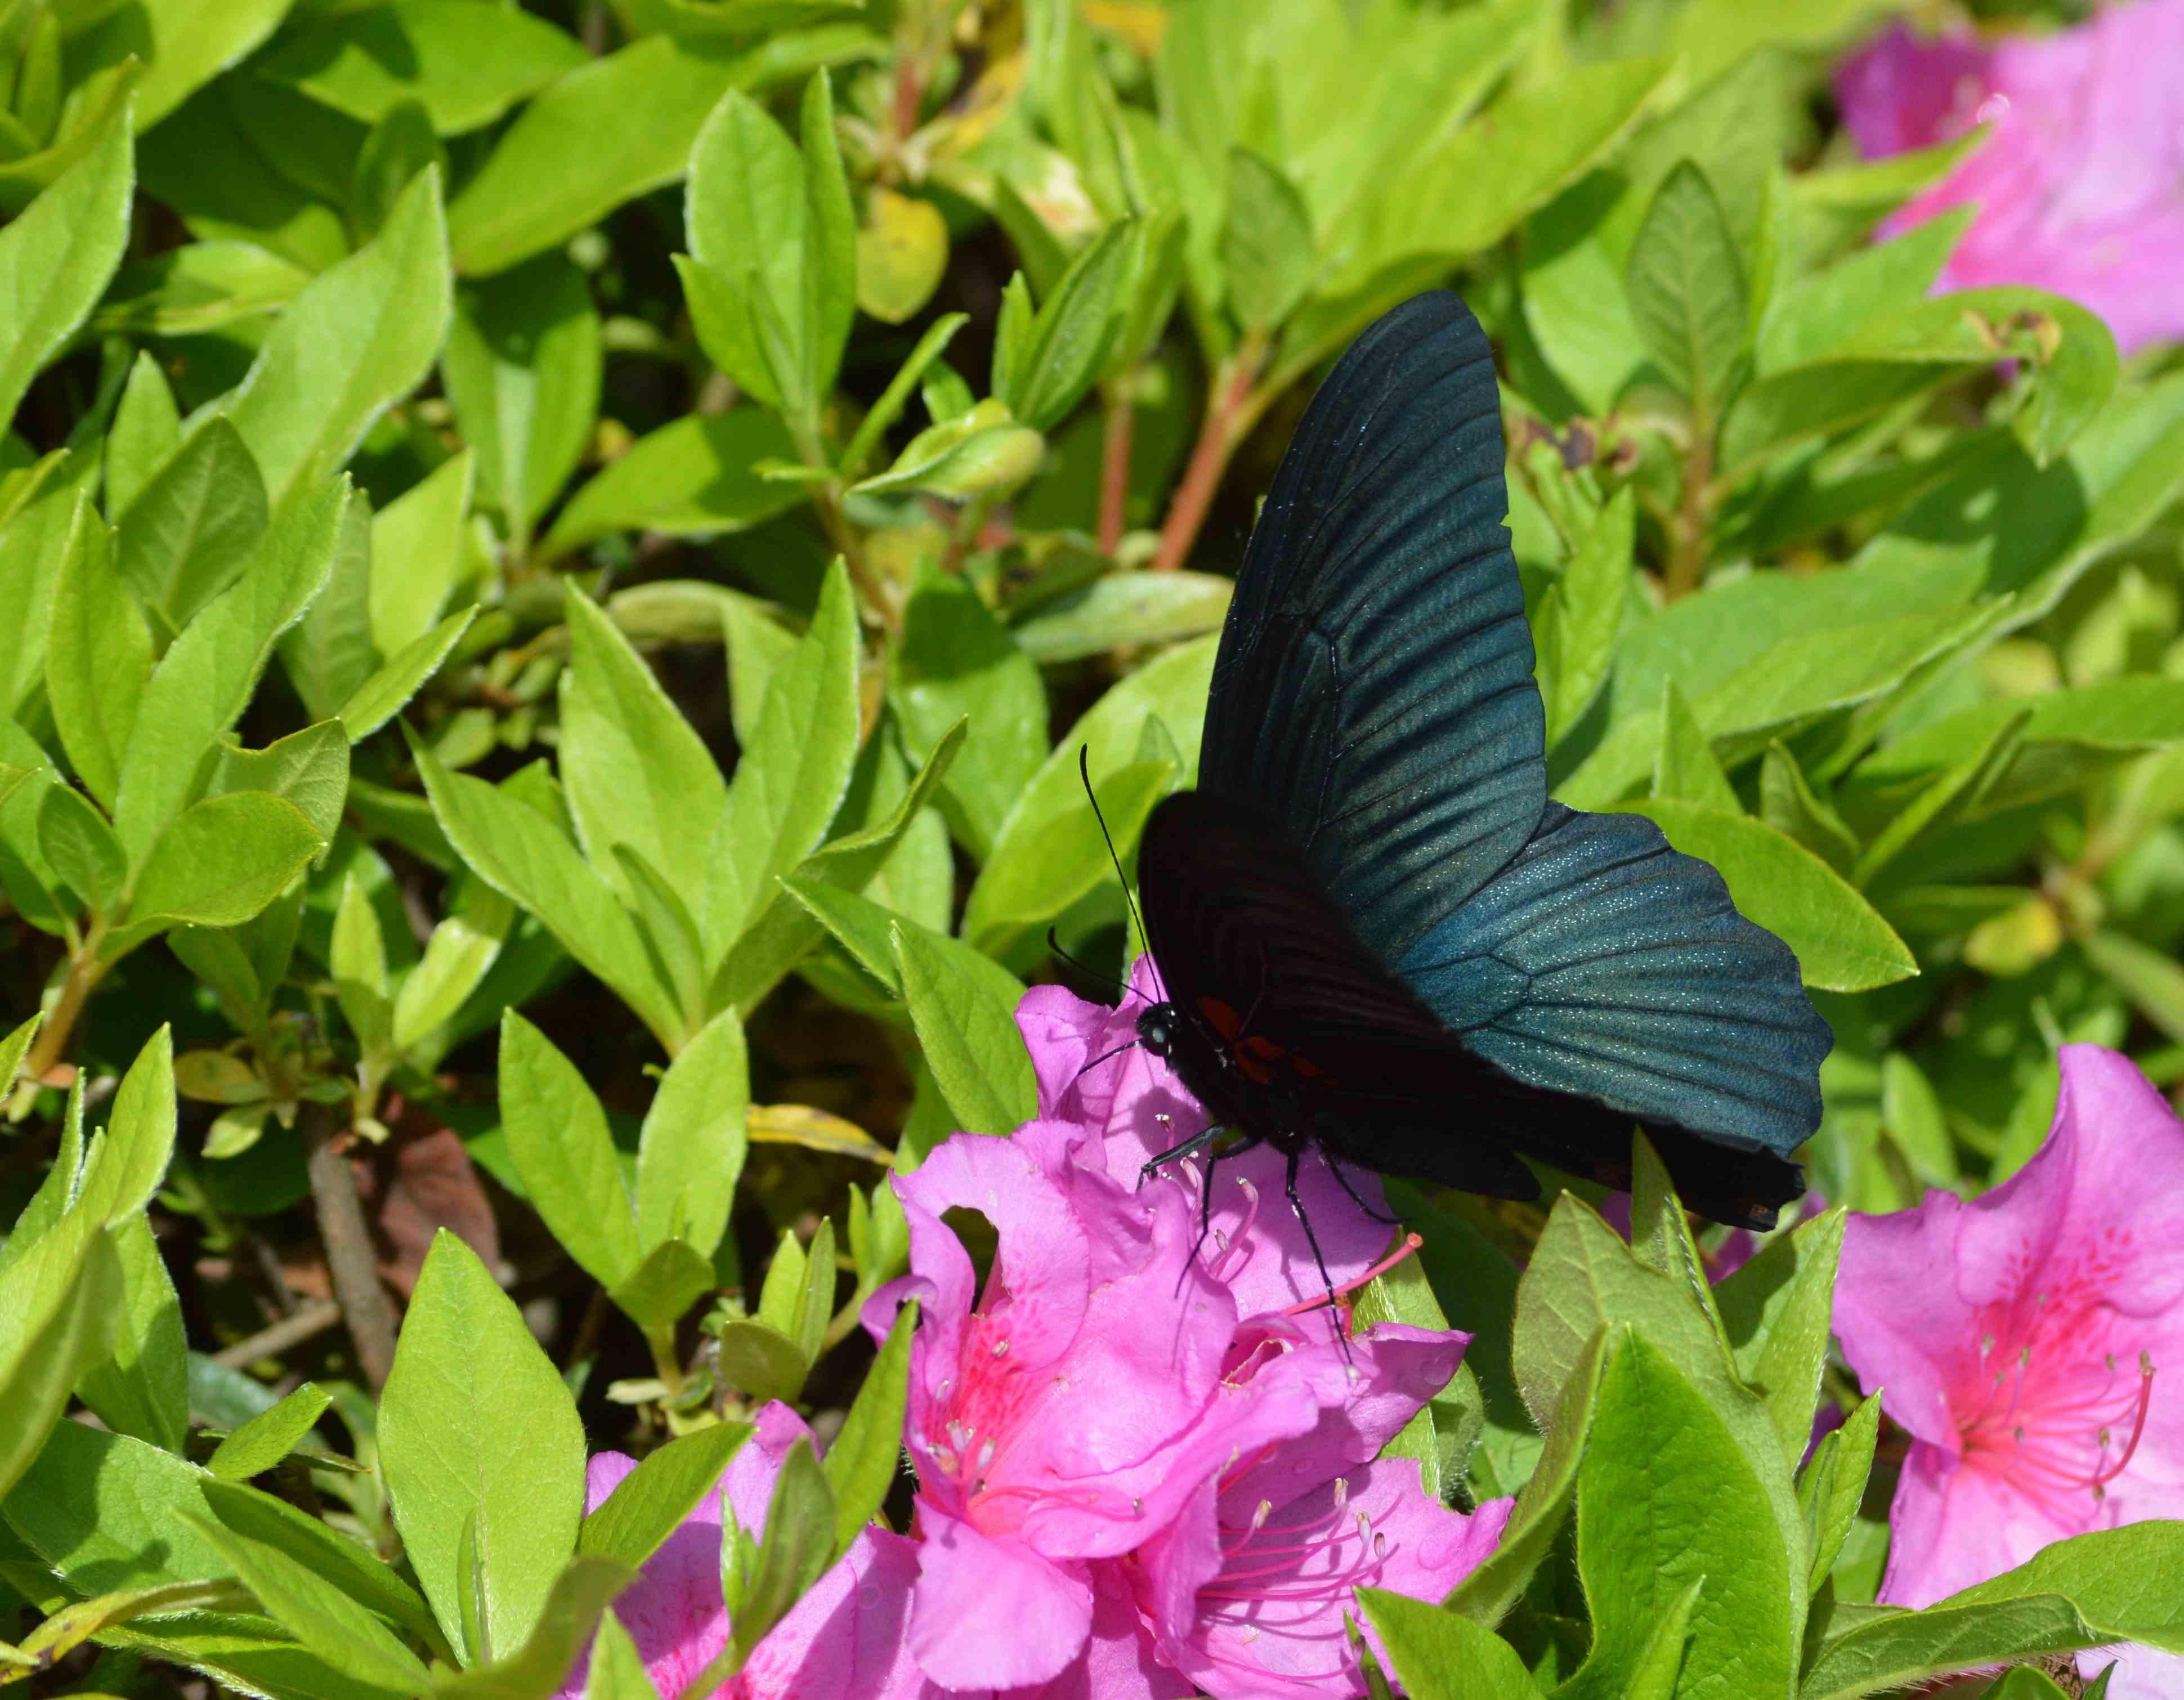 ナガサキアゲハ 5月2日ツツジの咲く公園にて_d0254540_1723756.jpg